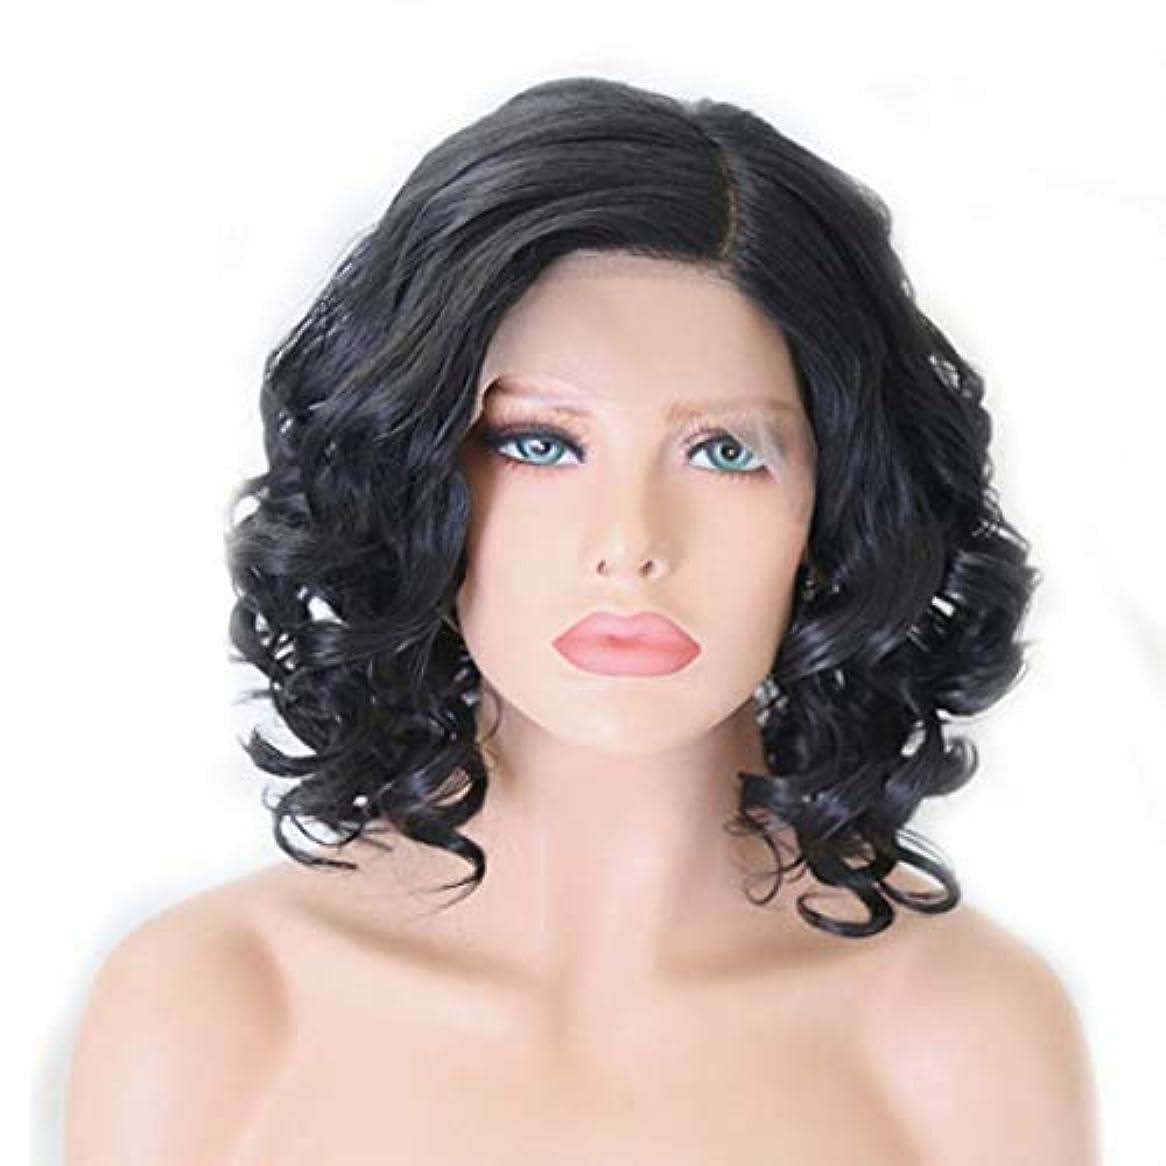 恒久的火山学打撃Kerwinner フロントレースかつら女性のための短い巻き毛のふわふわ高温シルクケミカルファイバーウィッグ (Color : Black, Size : 24 inches)